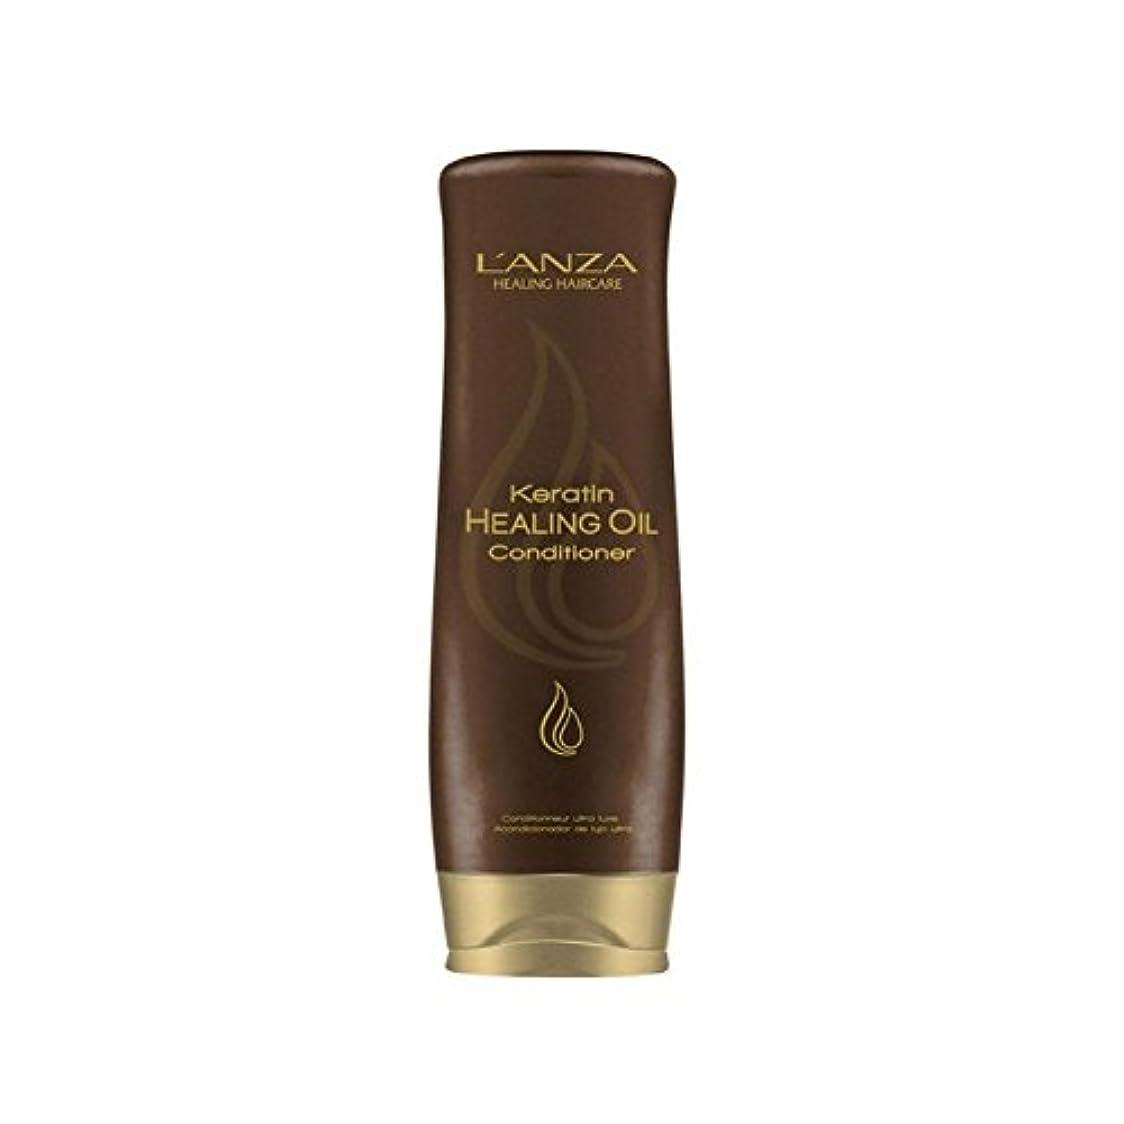 一貫した痴漢便利さL'Anza Keratin Healing Oil Conditioner (250ml) - アンザケラチンオイルコンディショナー(250ミリリットル)を癒し [並行輸入品]